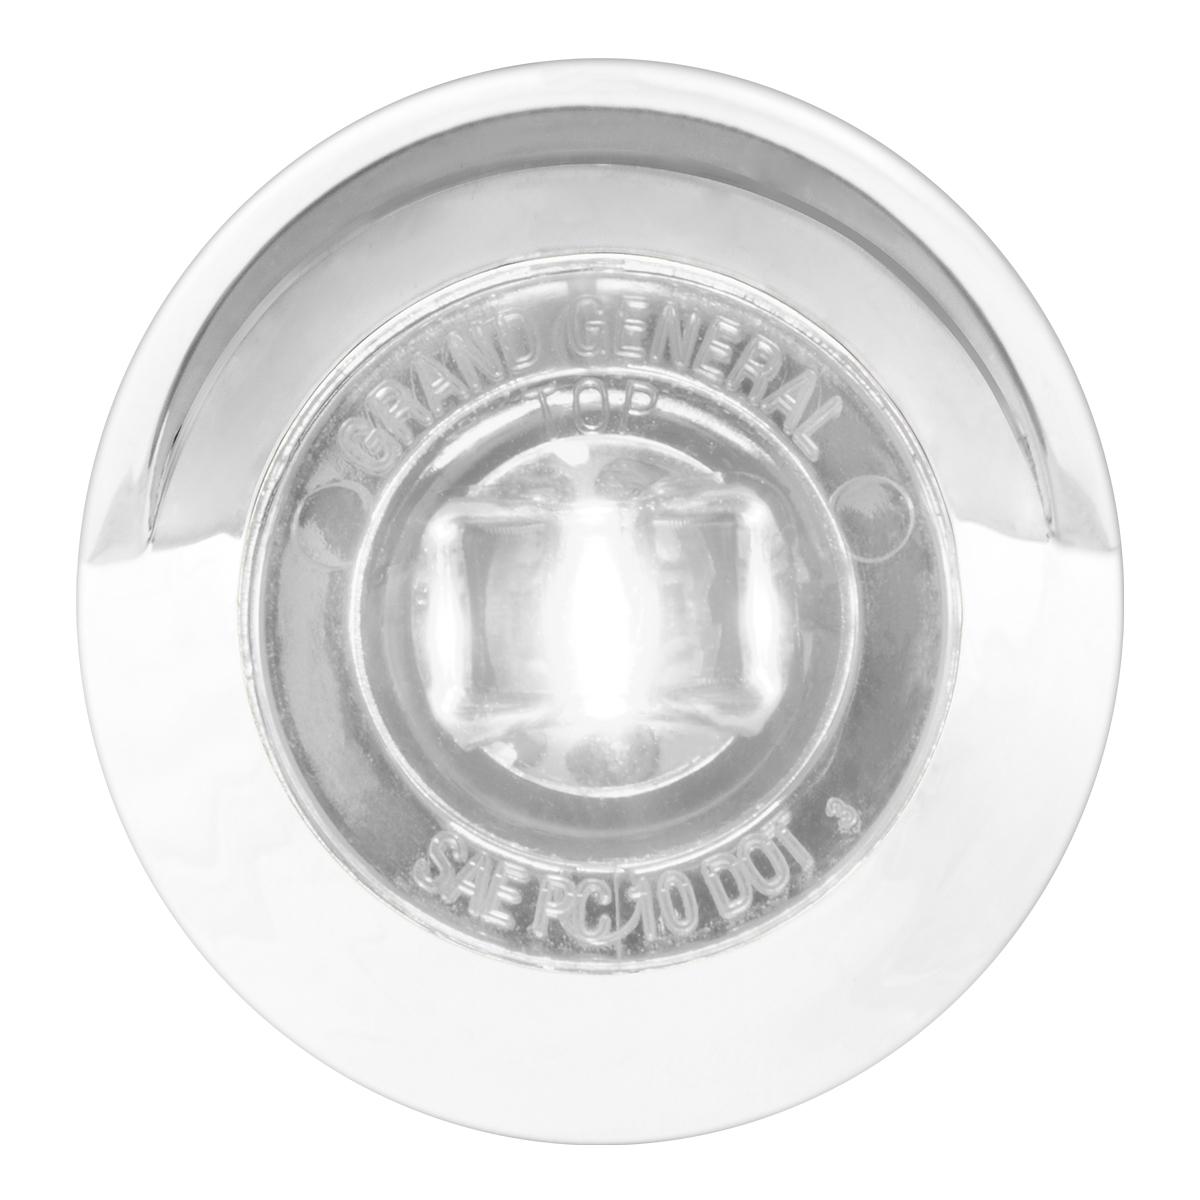 """75254 1"""" Dia. Mini Push/Screw-in Wide Angle LED Marker Light w/ Chrome Bezel & Visor"""